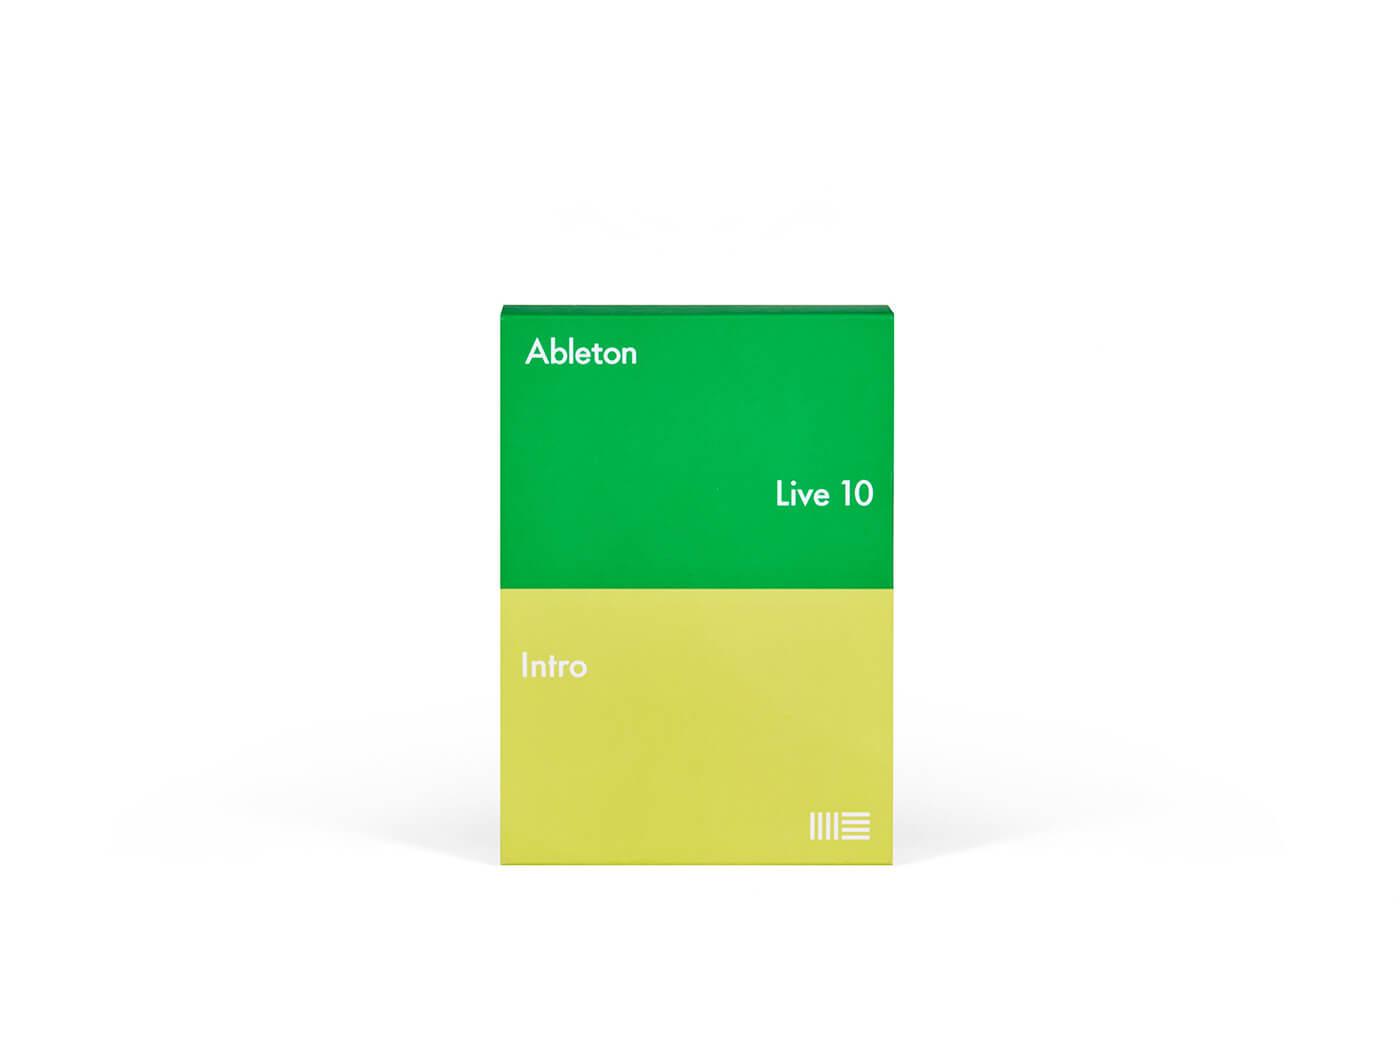 MT 205 Ableton Live Part 2